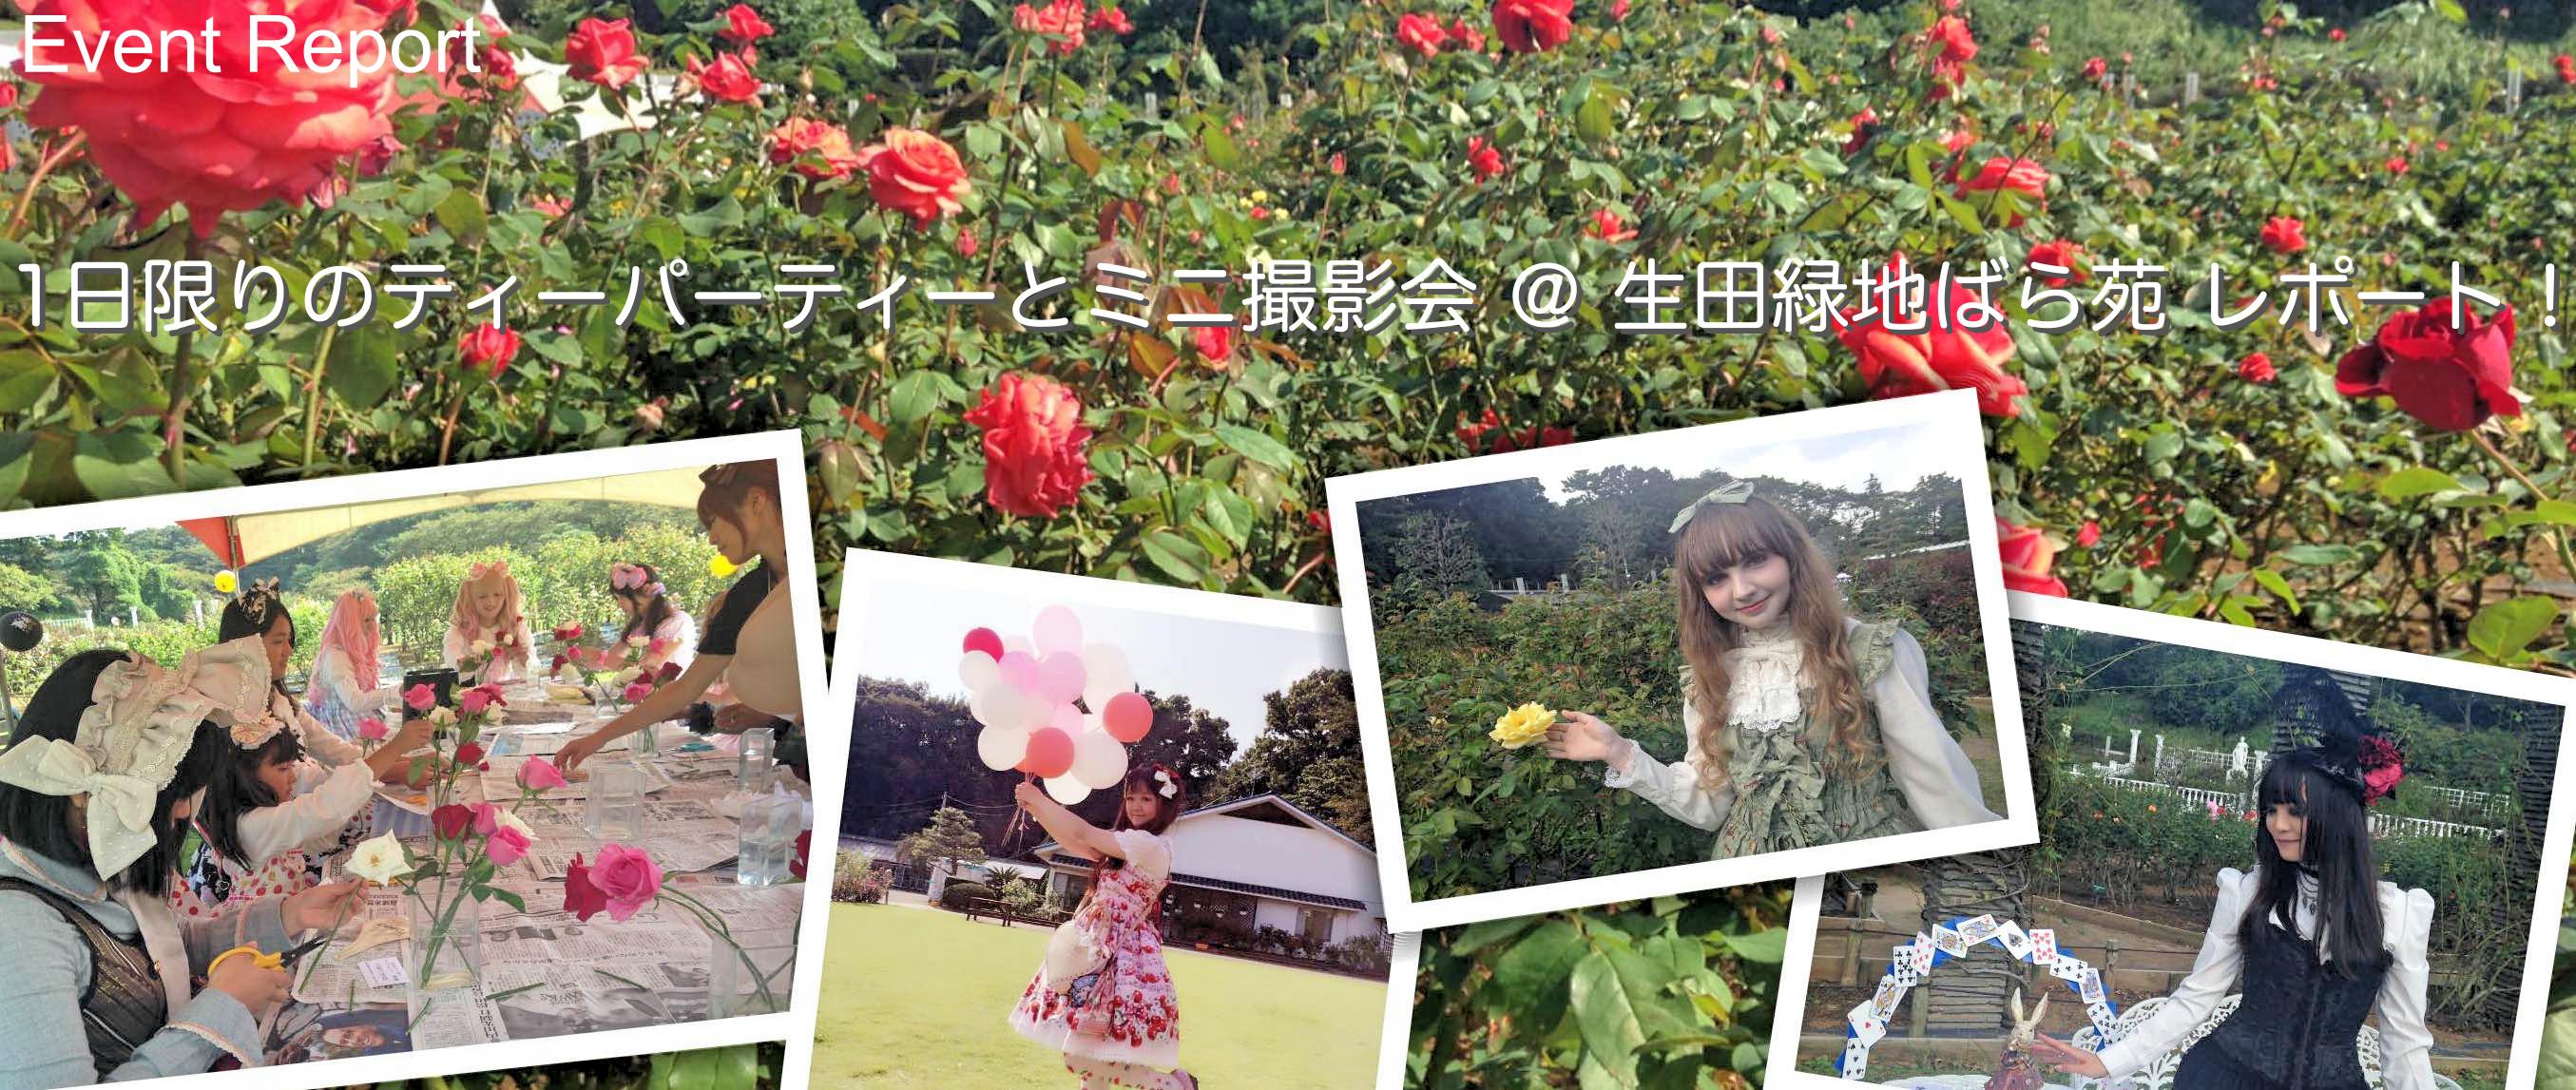 1日限りのティーパーティーとミニ撮影会 @ 生田緑地ばら苑 レポート!